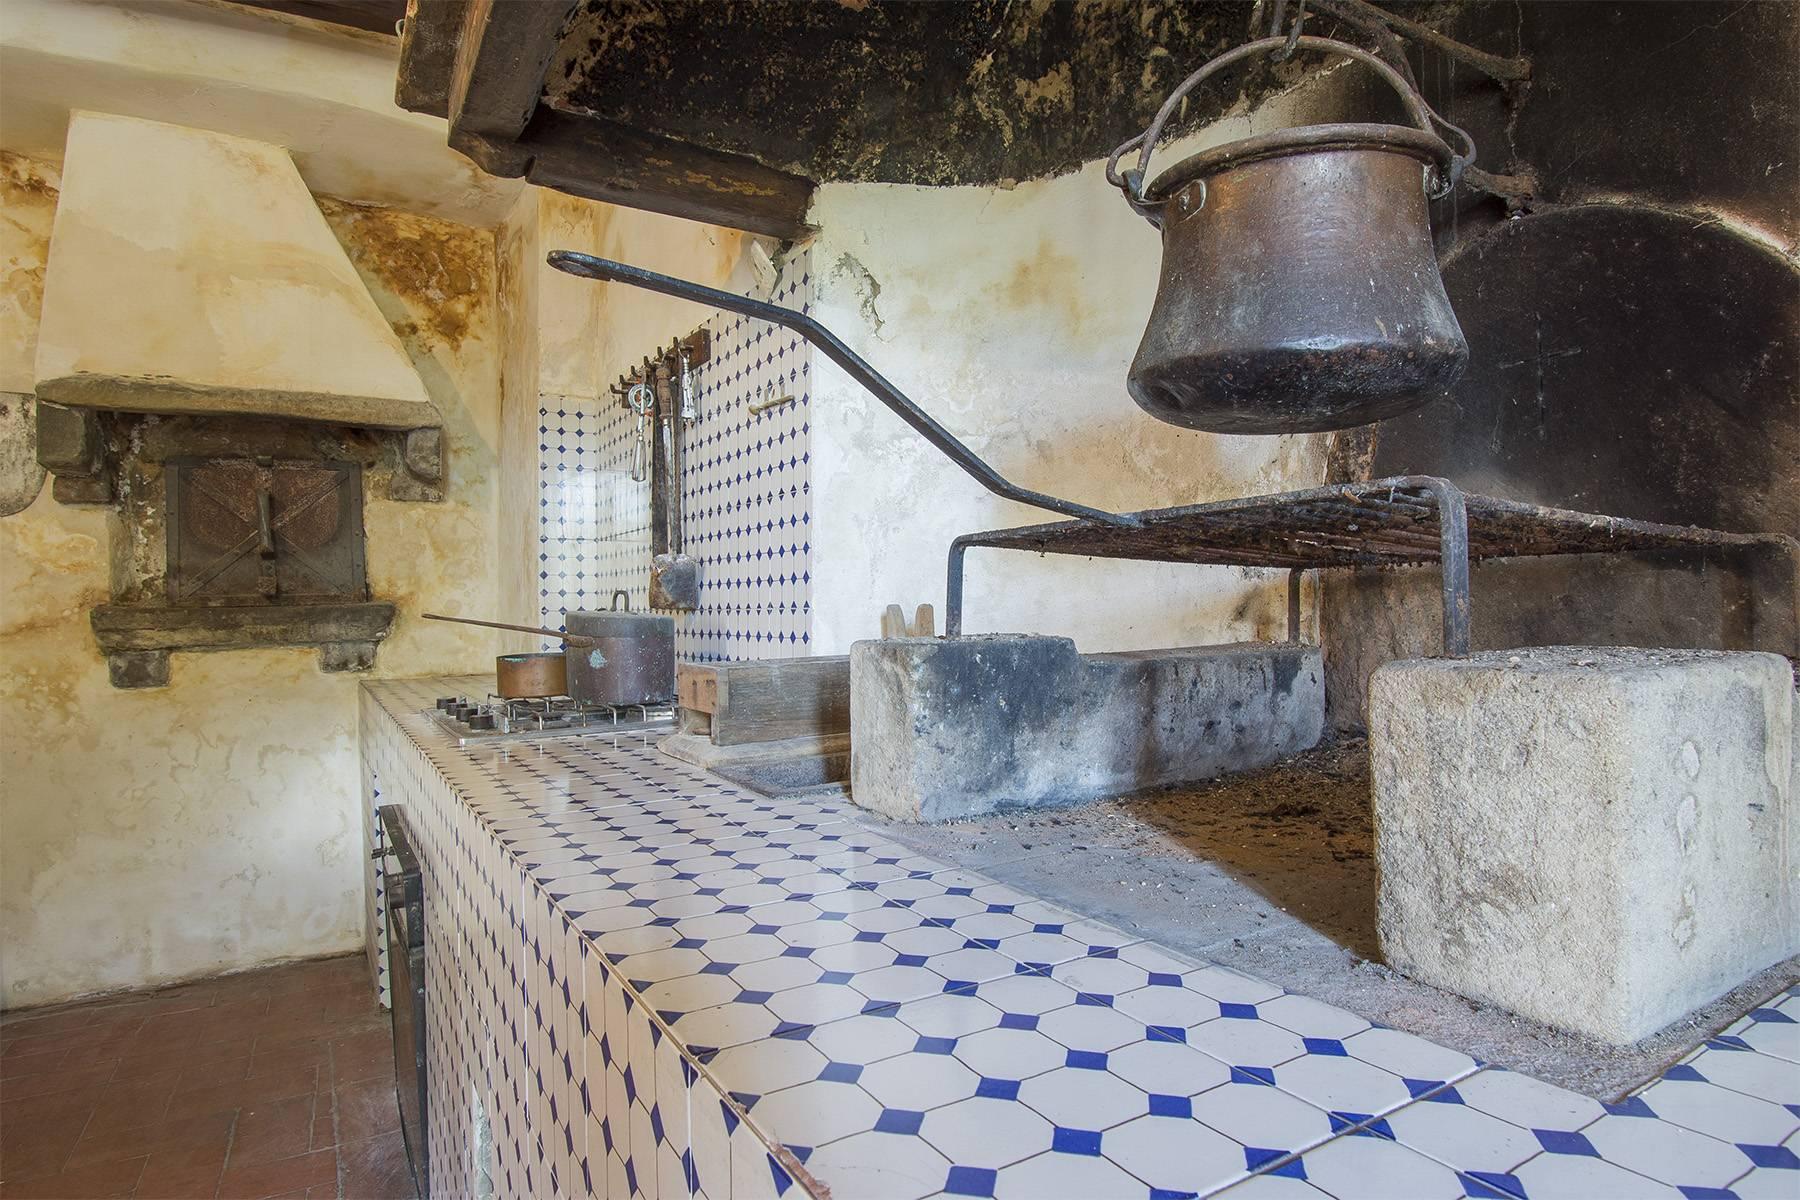 Rustico in Vendita a Pistoia: 5 locali, 650 mq - Foto 10